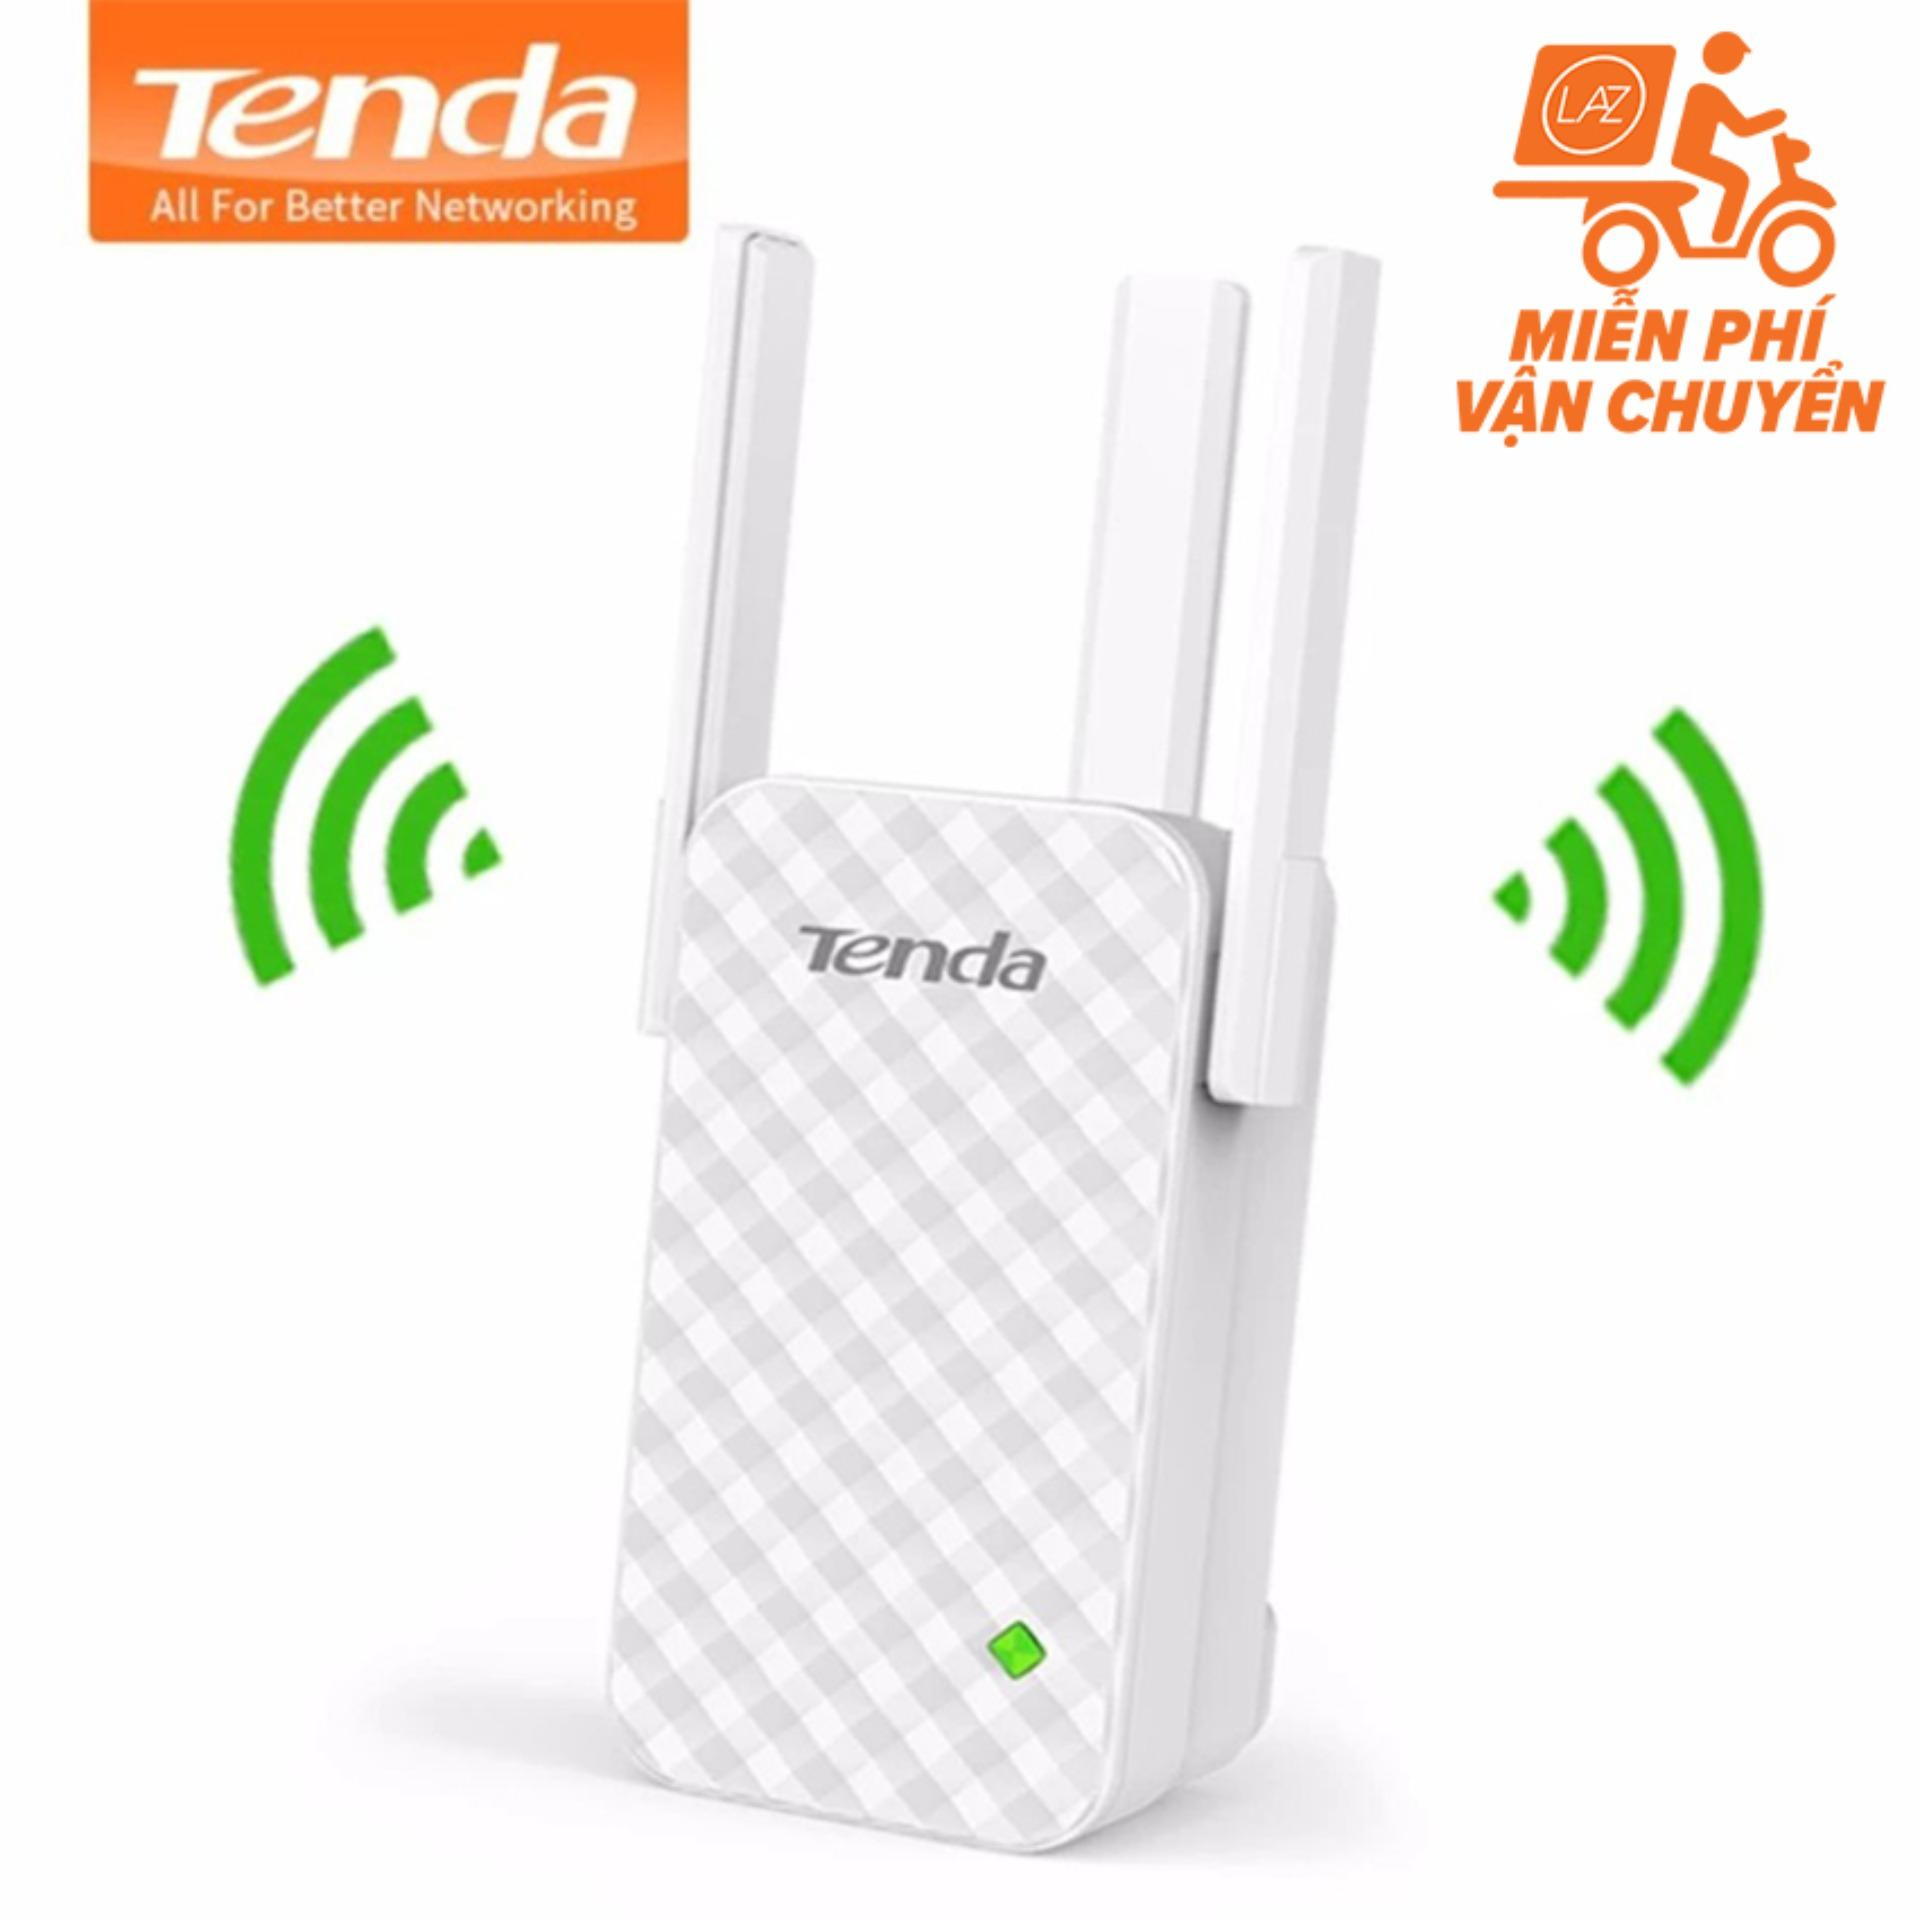 Bộ kích sóng, nối sóng Wifi Tenda A12 ba râu (Nâng cấp của Tenda A9) xuyên tường